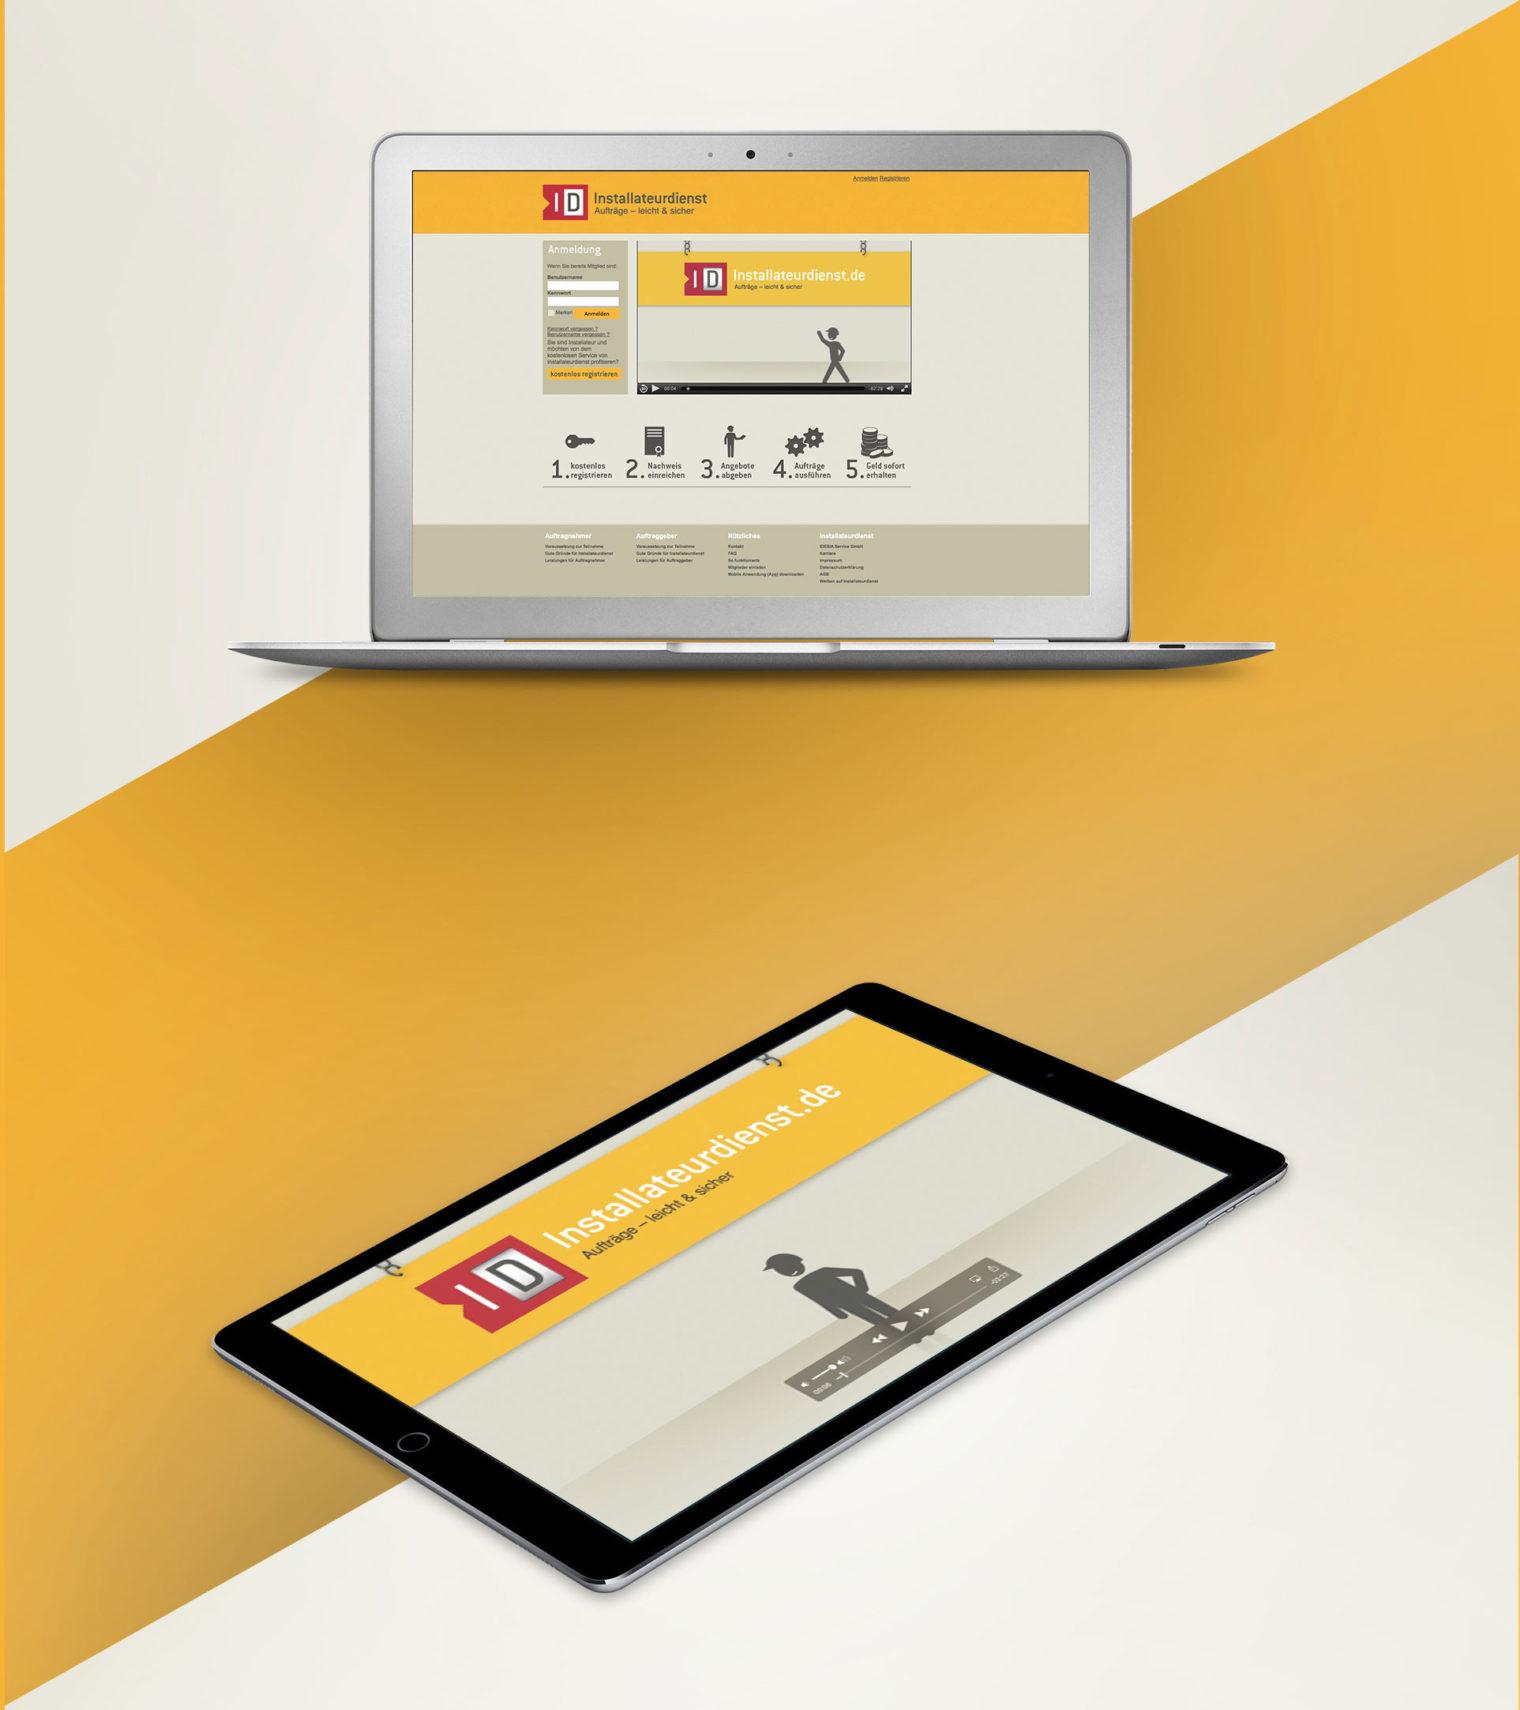 Installateurdienst Webdesign Webprogrammierung